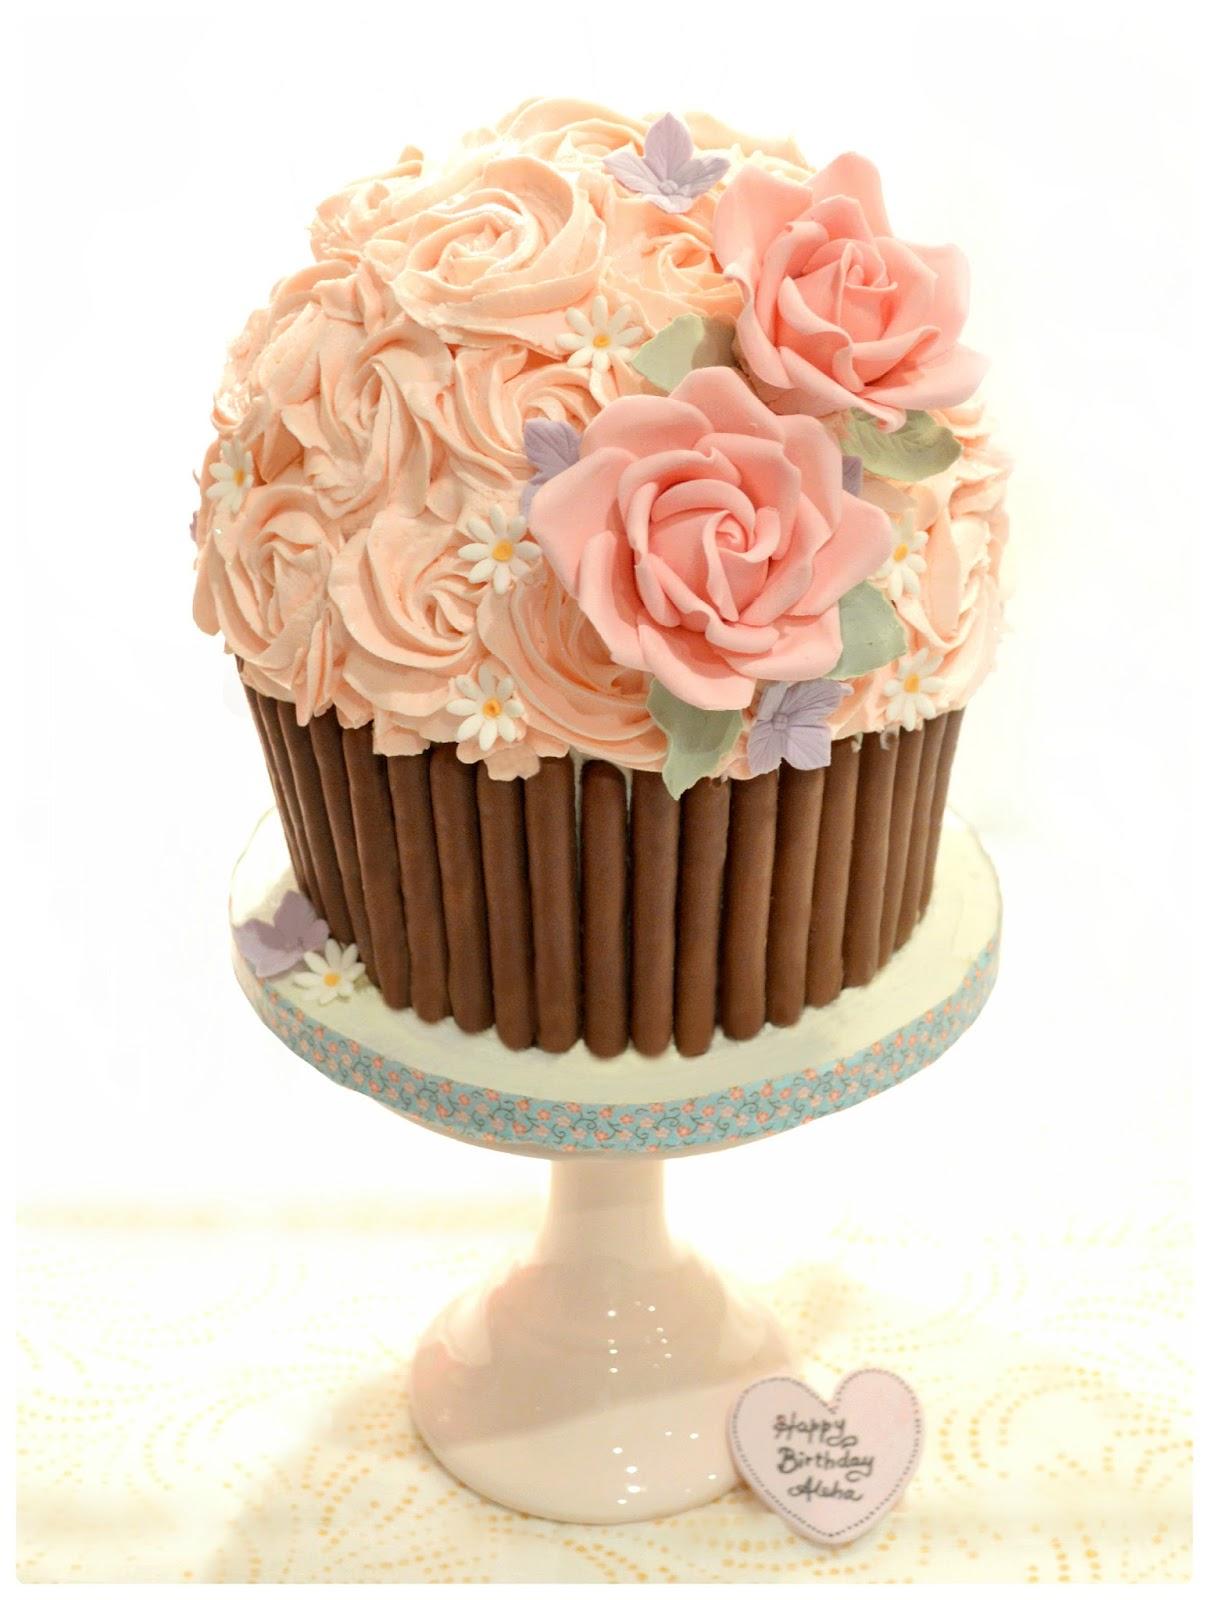 Giant Red Velvet Cupcake Birthday Cake London Cherie Kelly